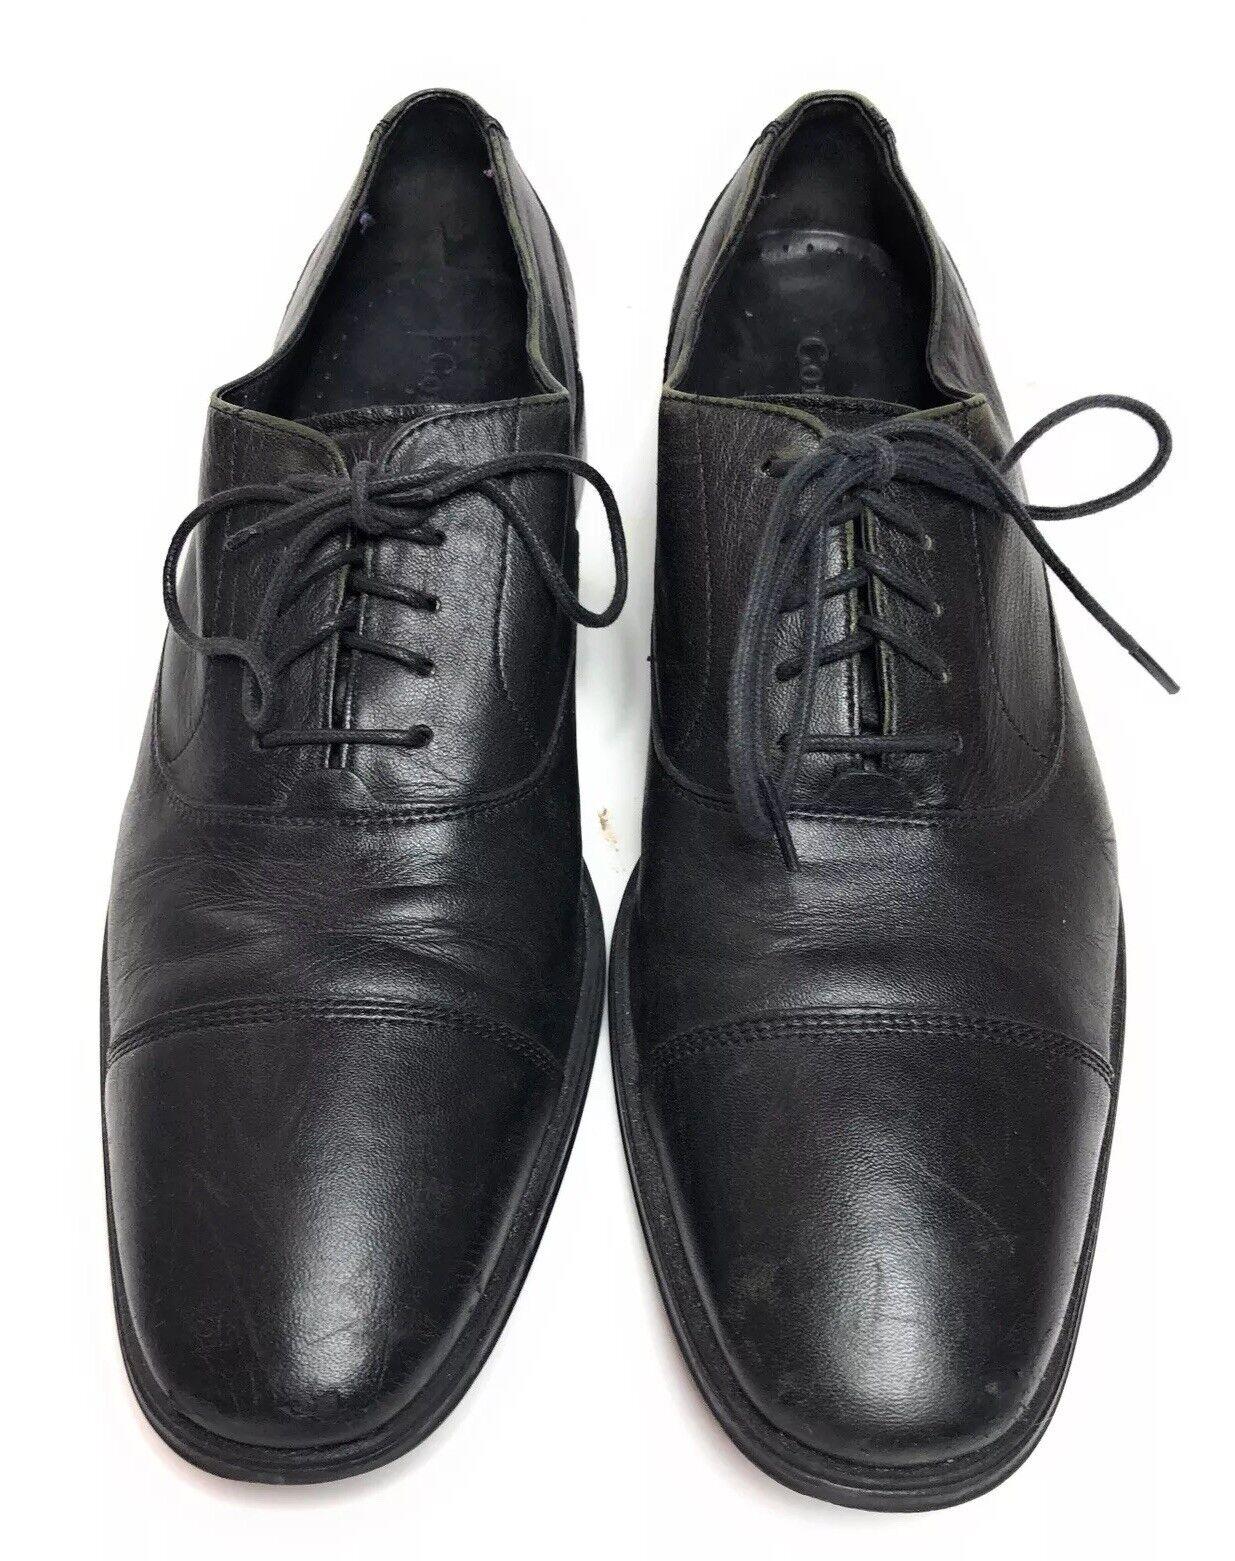 Cole Haan Men's Dress Black Leather Oxford shoes 10 M